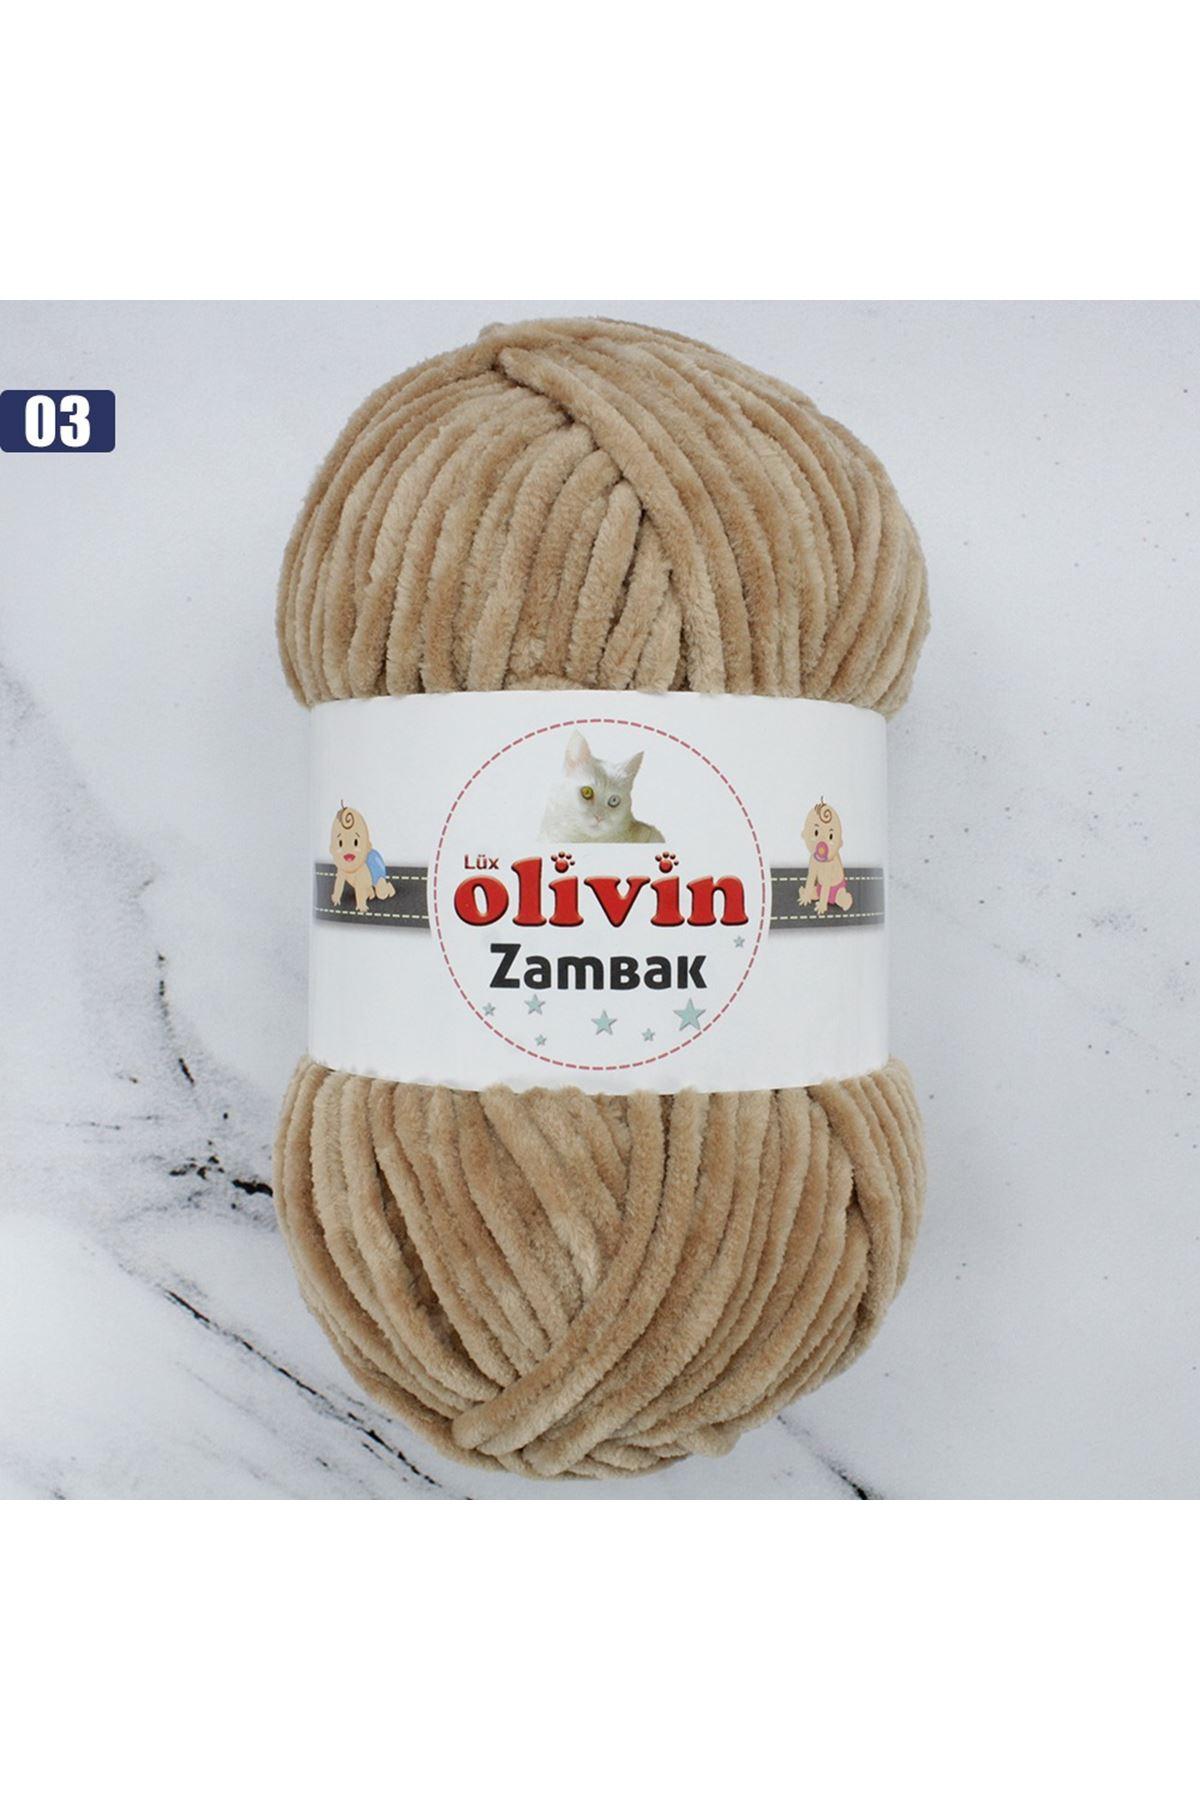 Olivin Zambak 03